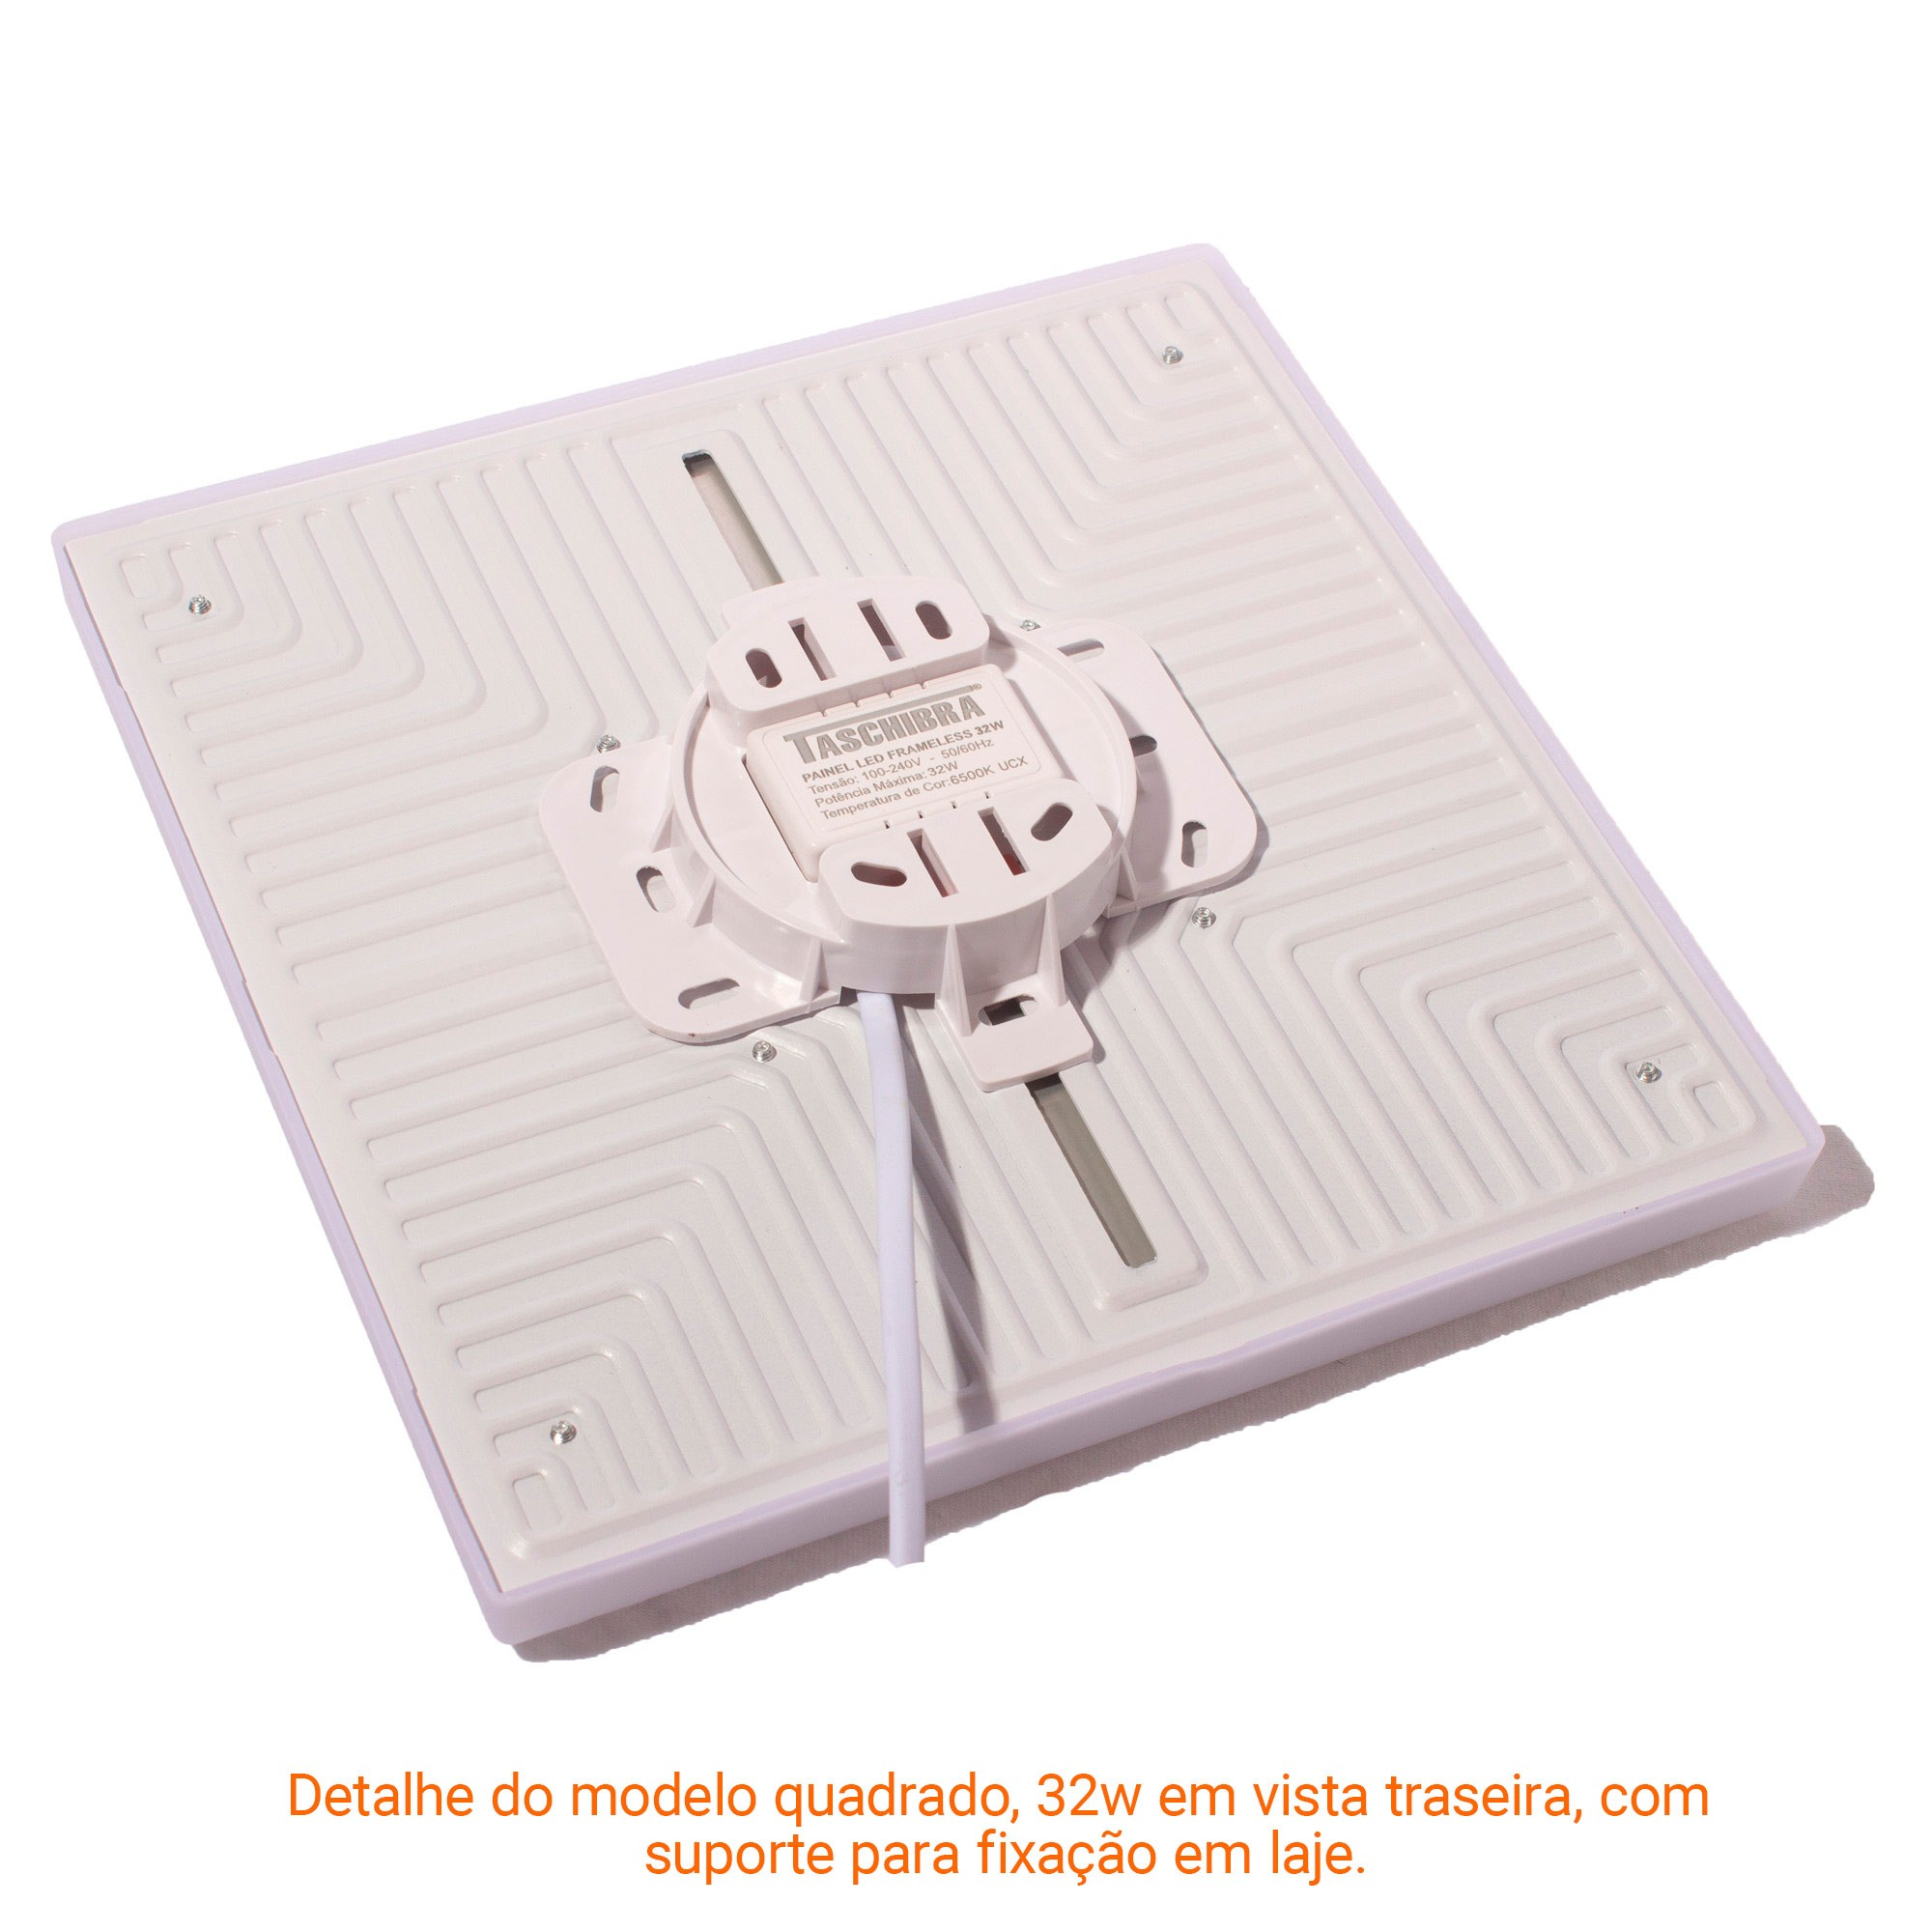 Painel Frameless 32W Led Taschibra Sobrepor ou Embutir Quadrado -  220x16mm